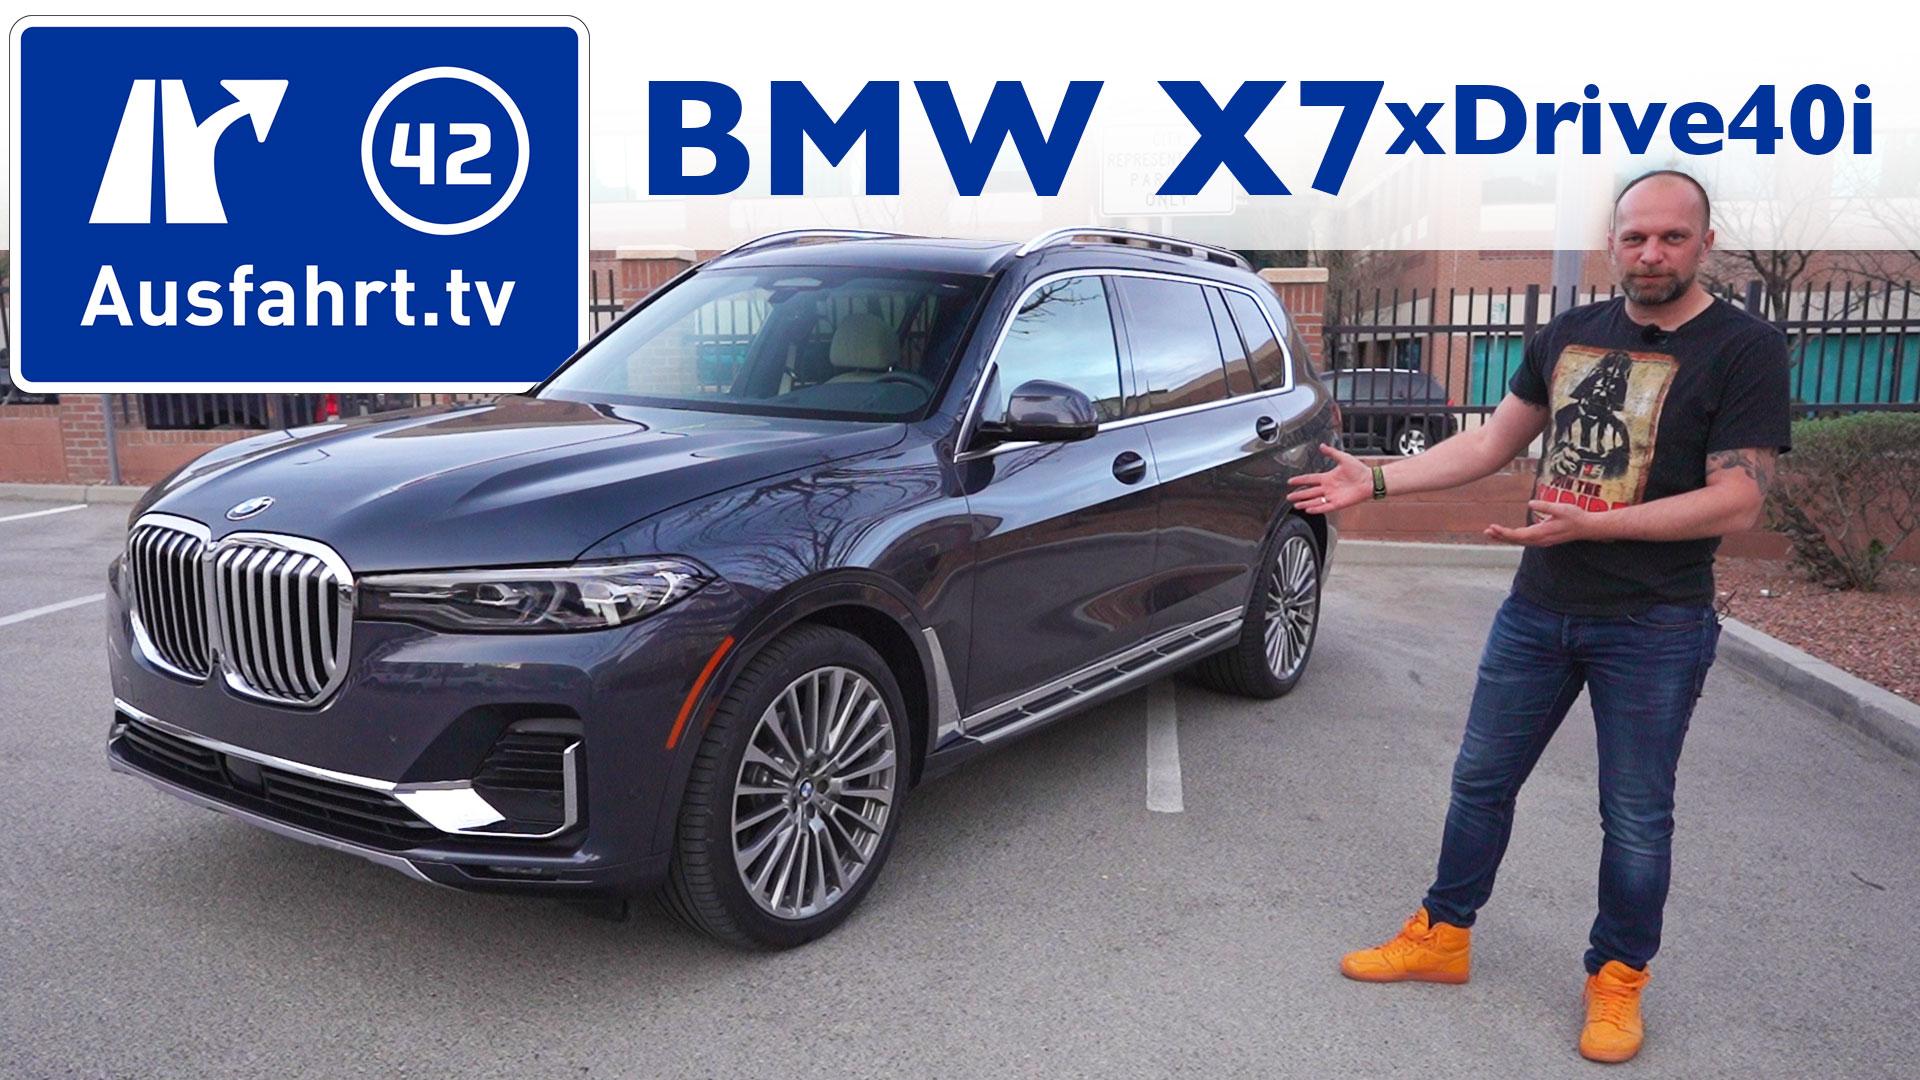 2019 Bmw X7 Xdrive40i Luxury Ausfahrttv